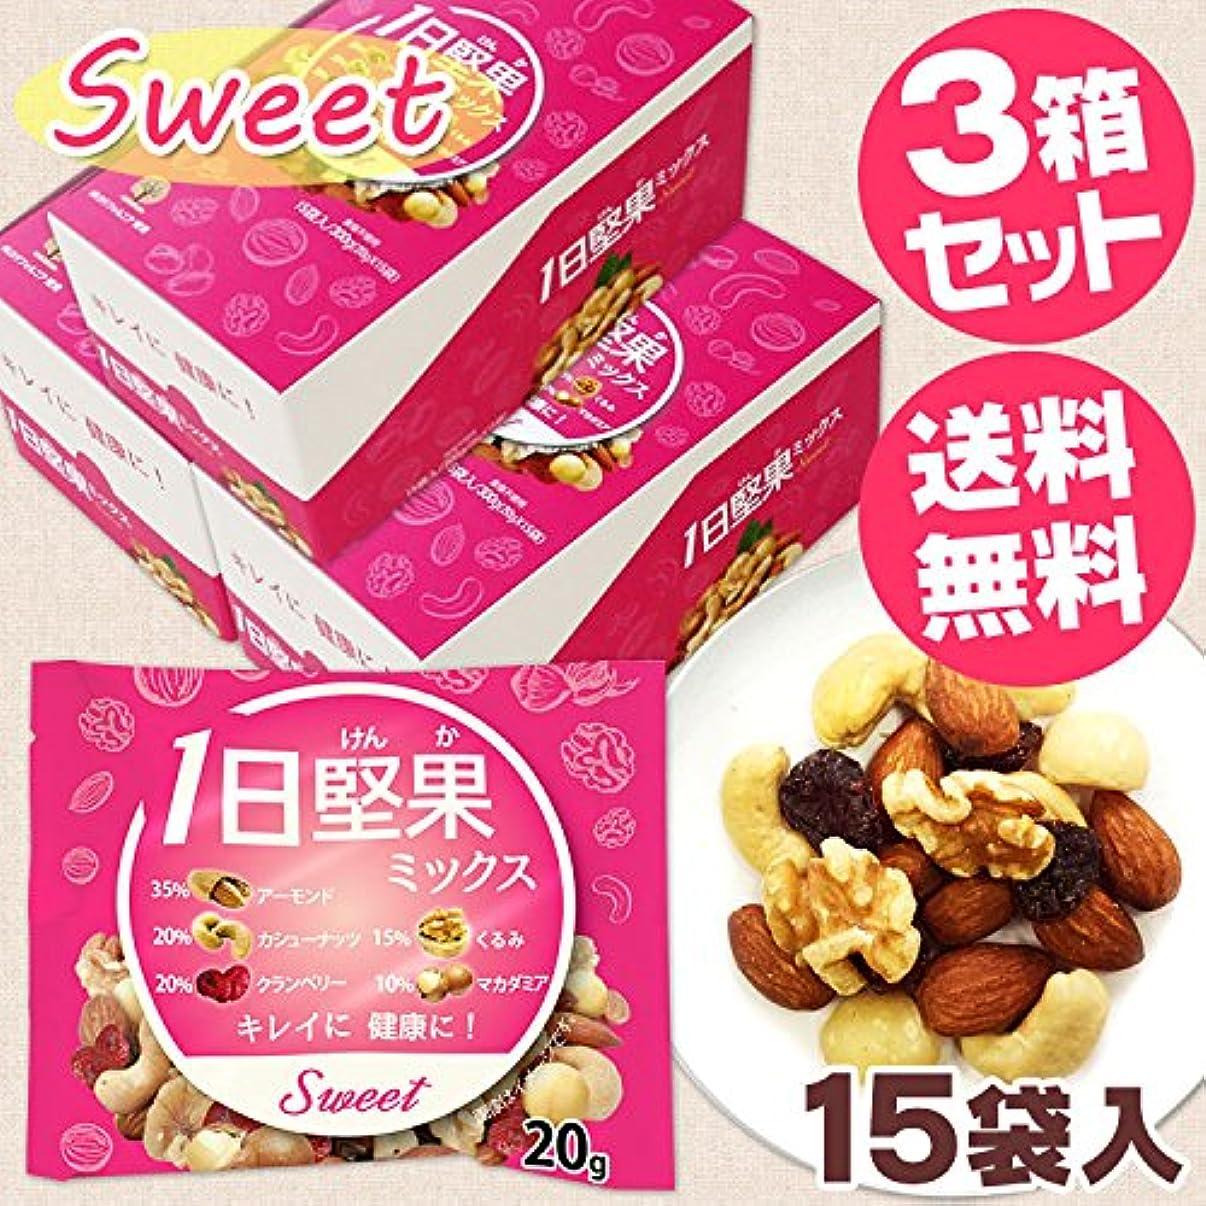 プーノ発掘する格納1日堅果ミックス スイート [15袋]◆3箱セット